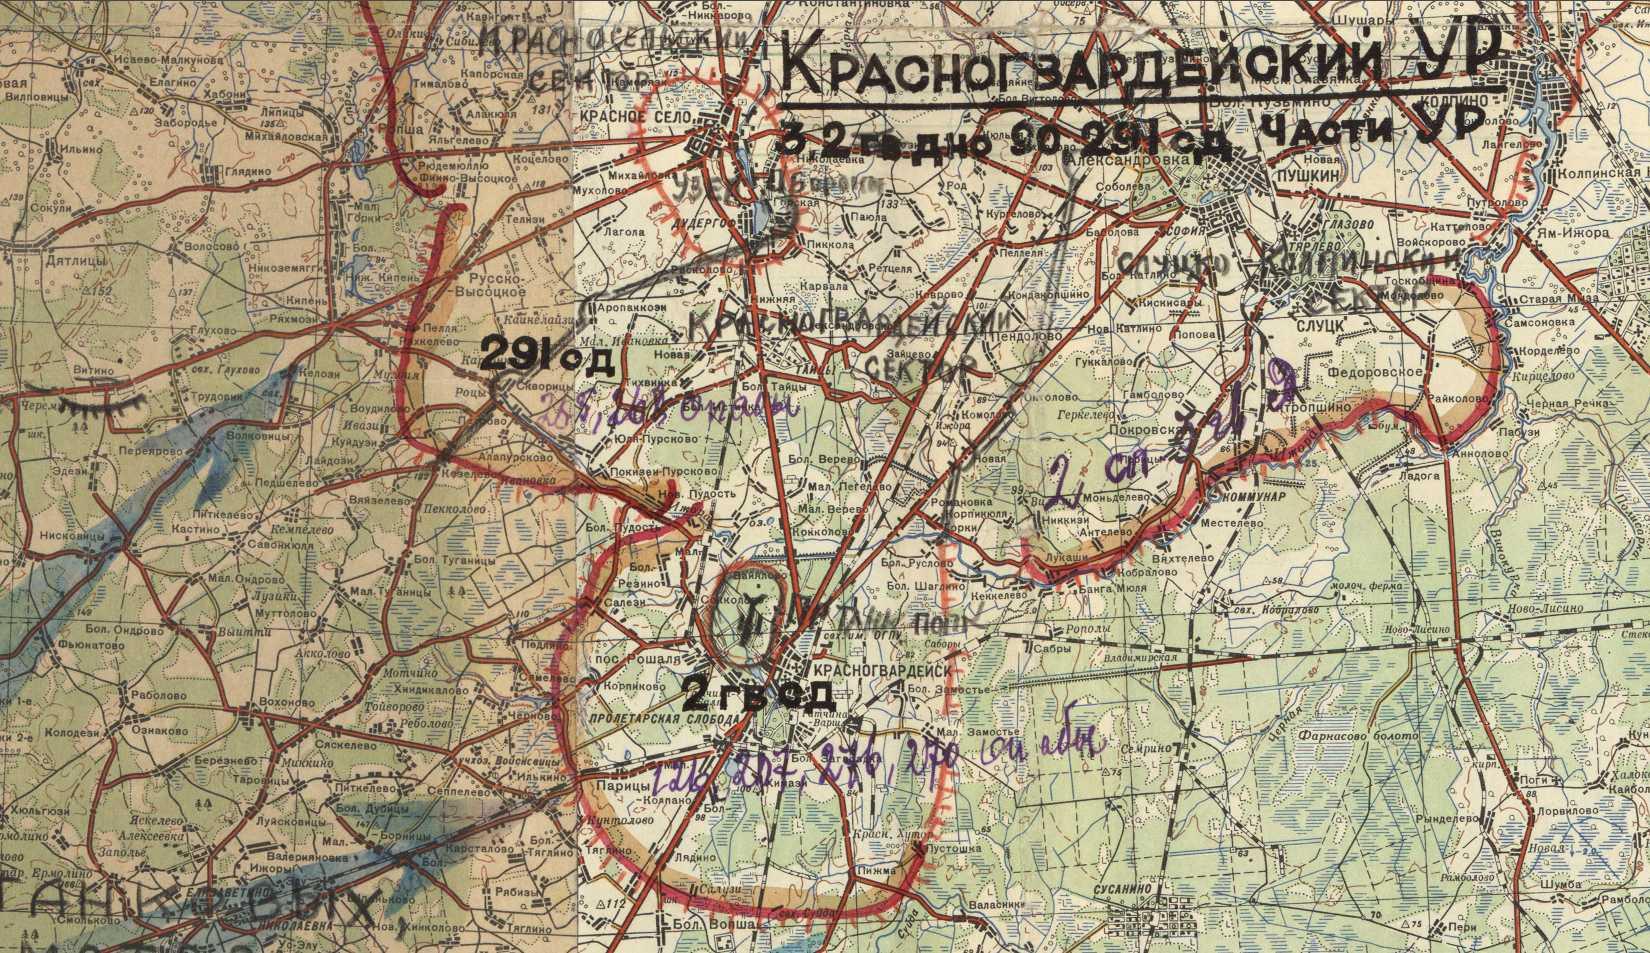 http://artofwar.ru/img/t/tiranin_a_m/text_0190/krasnogwardejskijukreprajon.jpg